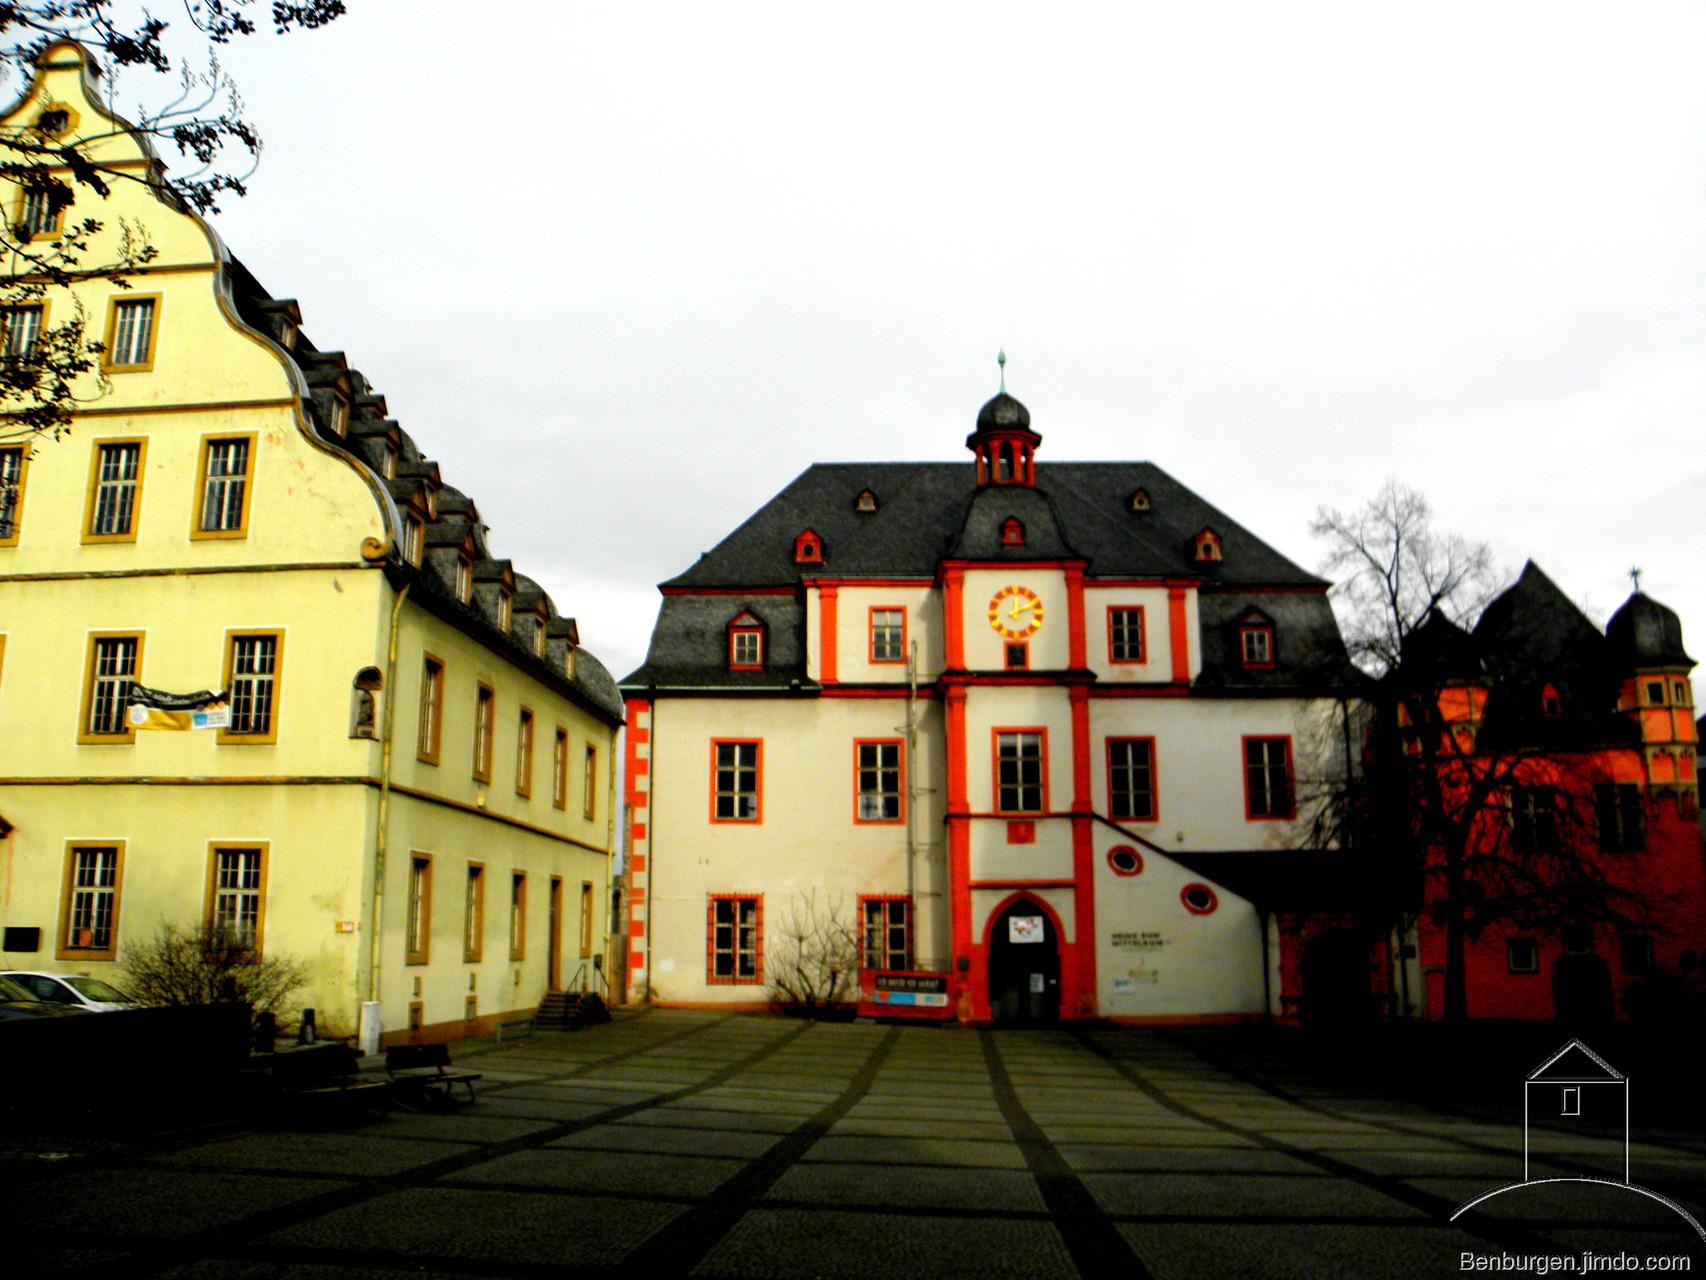 Altes Kaufhaus mit Bürresheimer Hof (links) und Schöffenhaus (rechts).